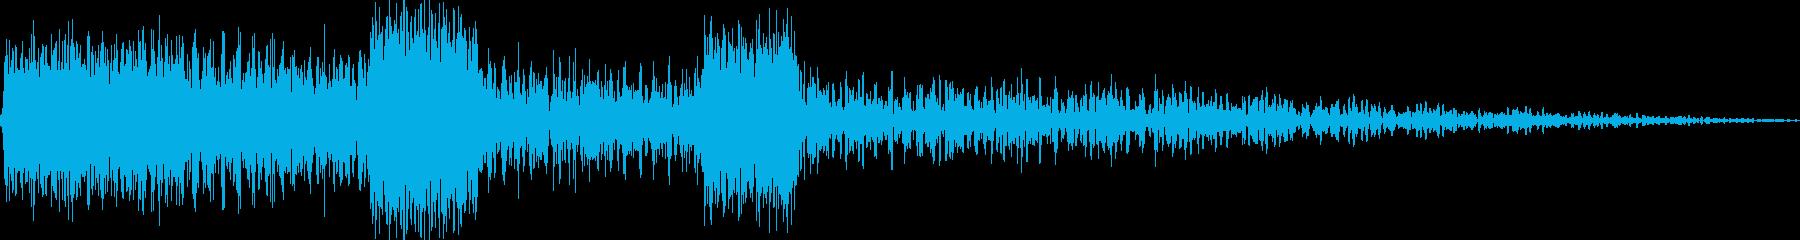 鳩時計(ボーン、カッコー)の再生済みの波形